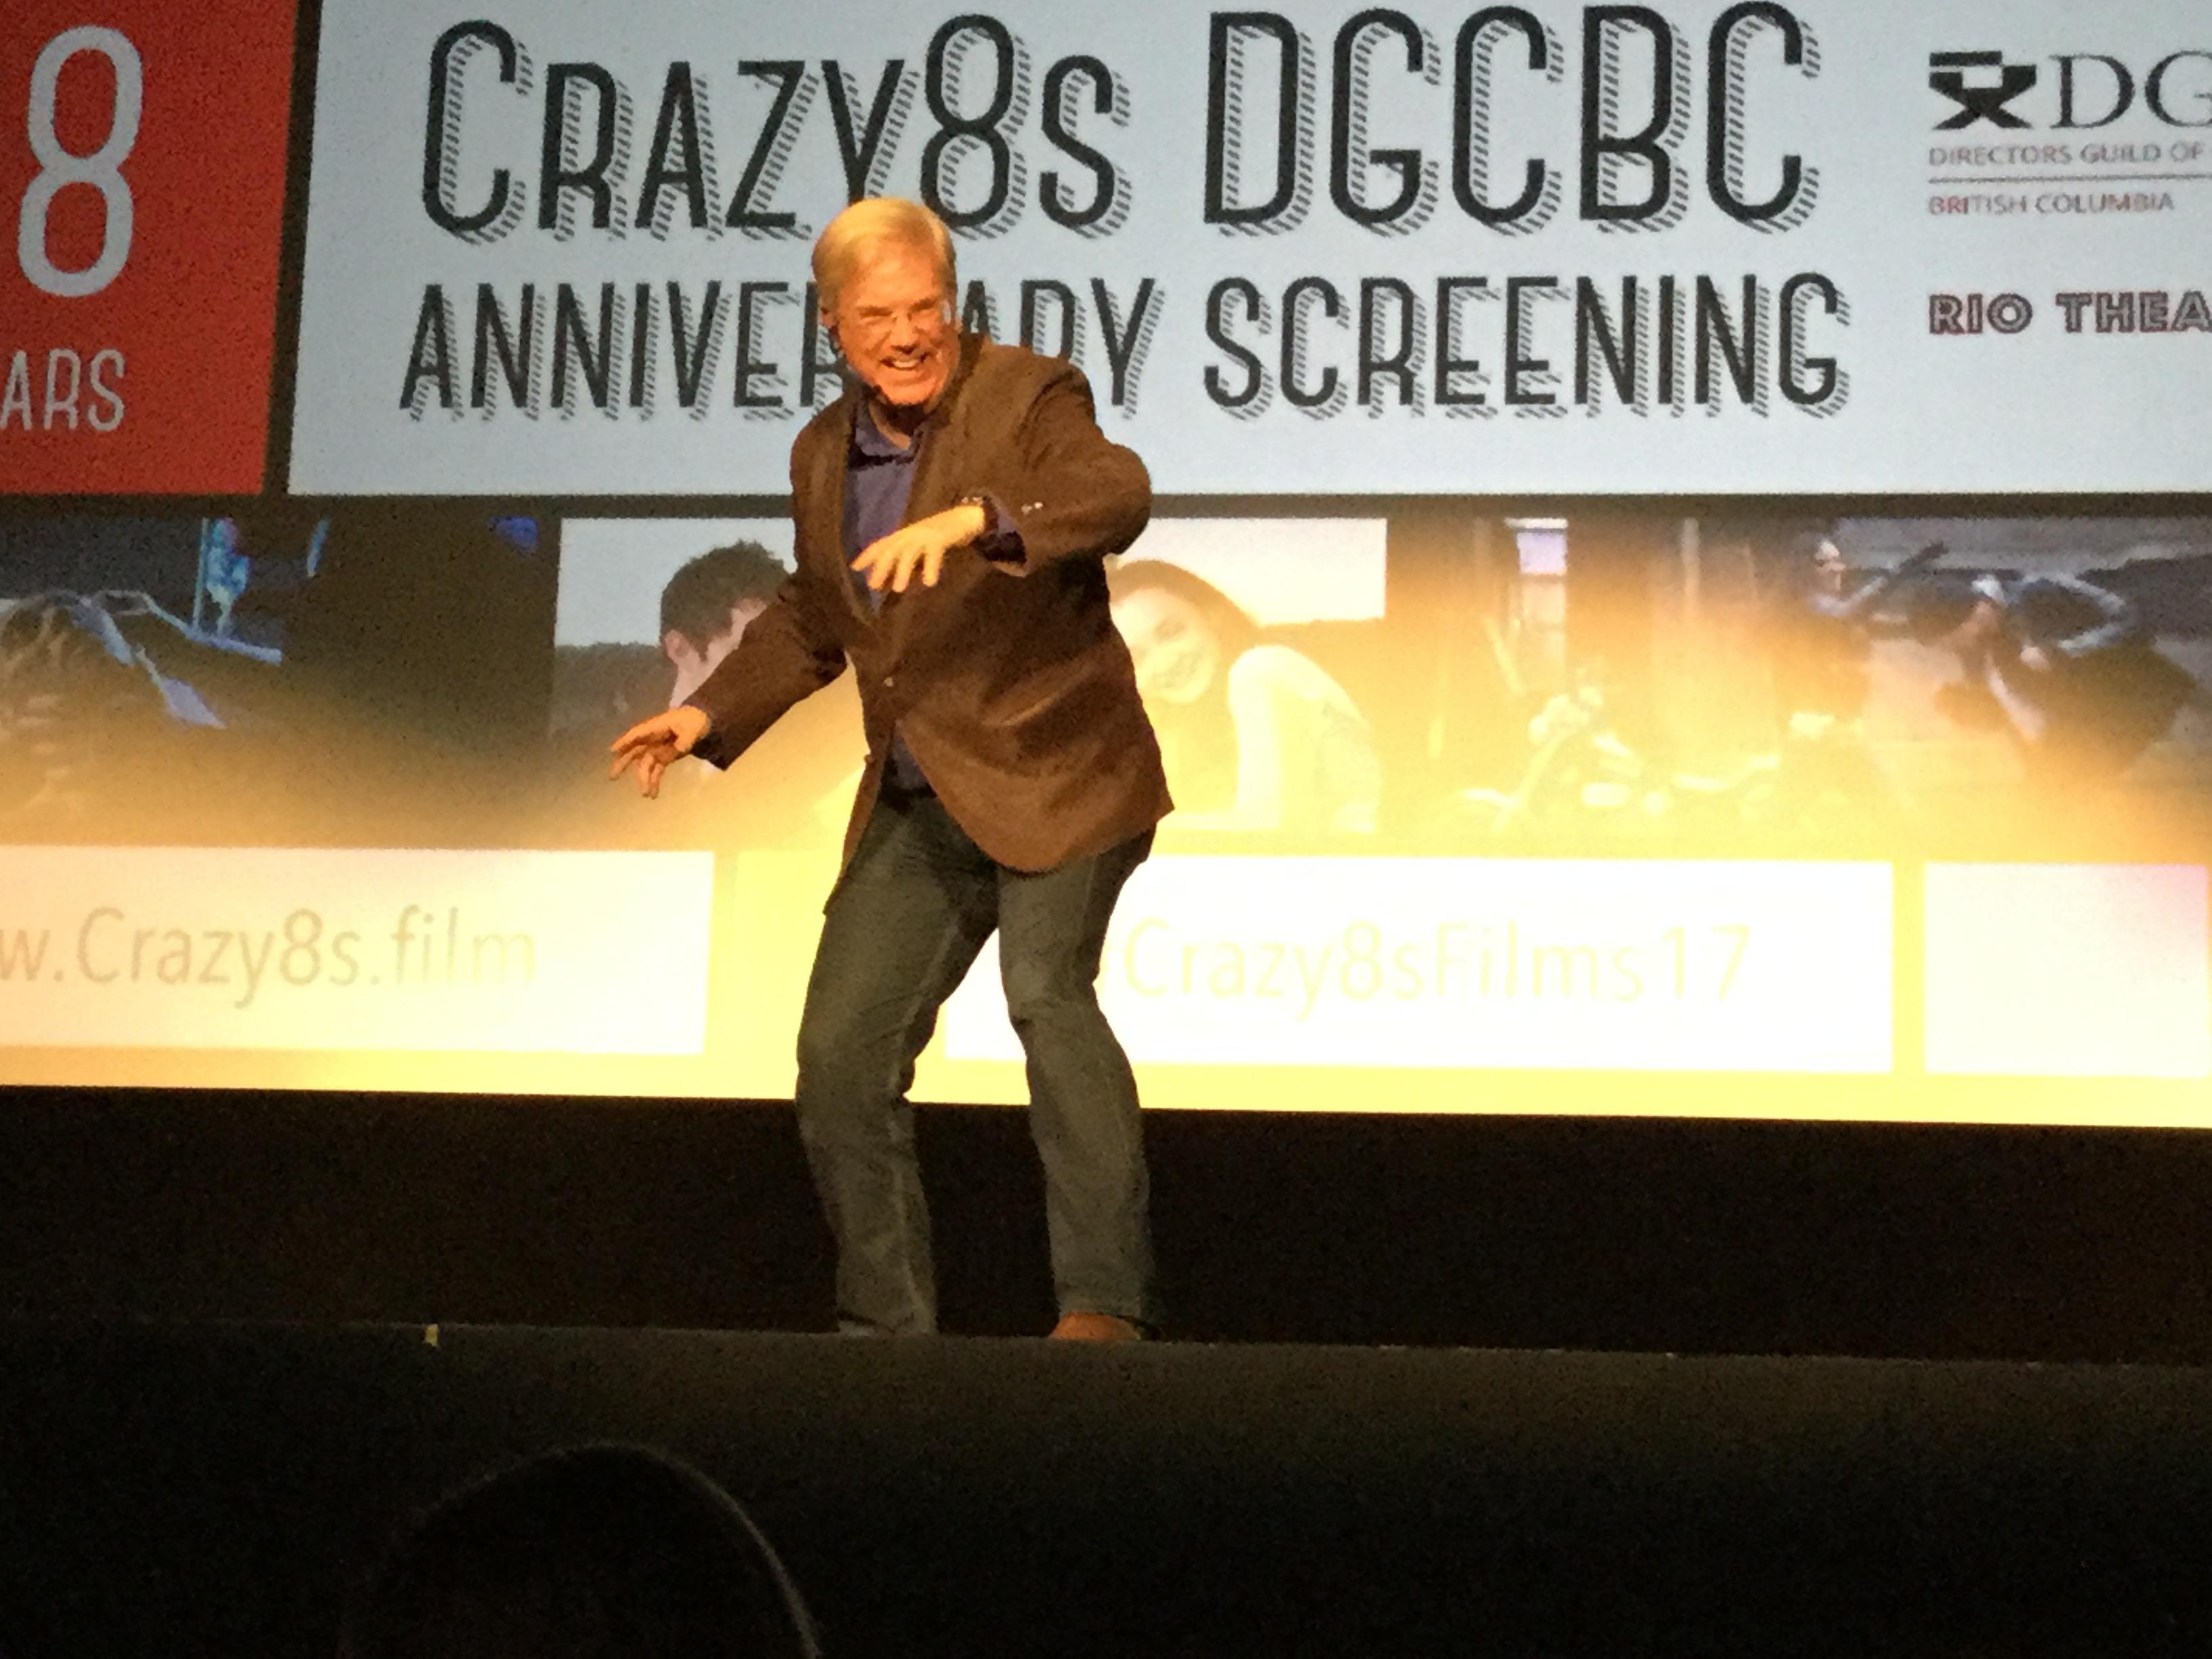 Crazy 8s are Crazy Great! #Crazy8sFilms17